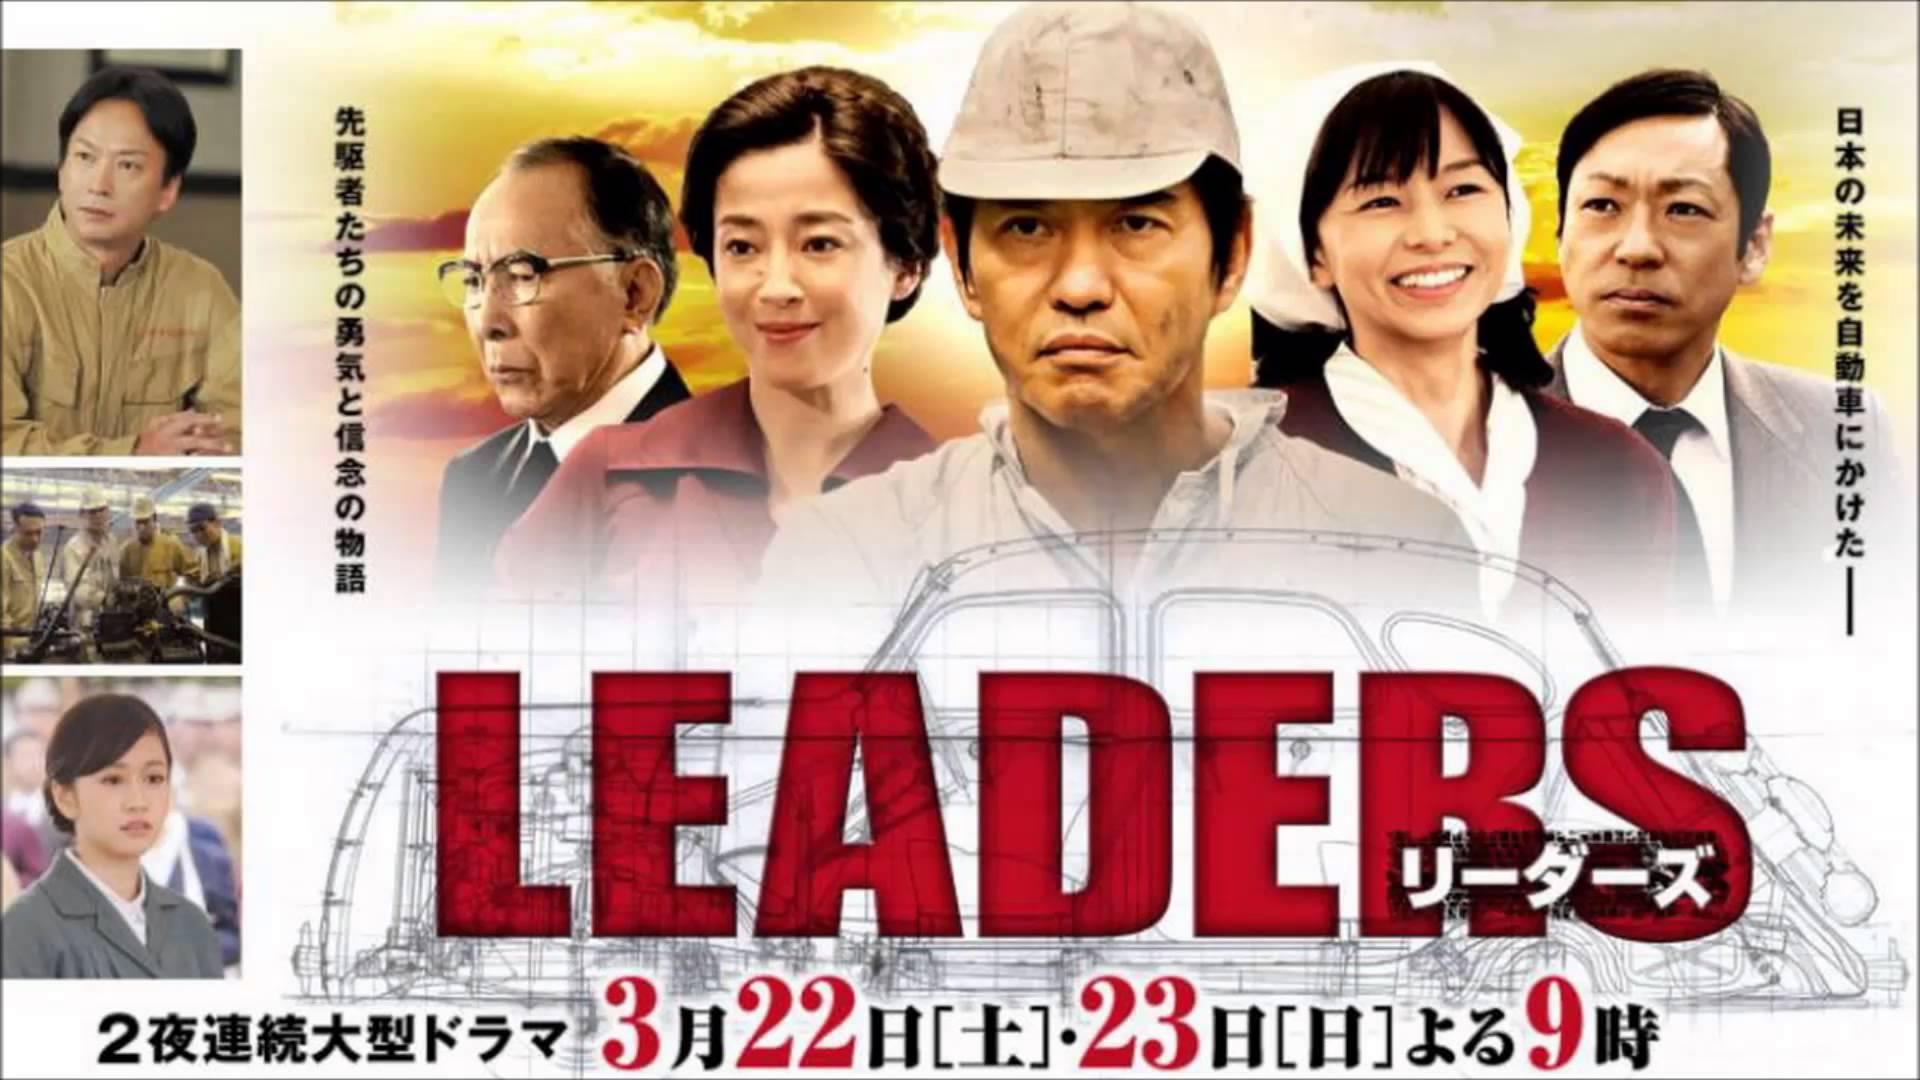 ผู้นำ หัวใจนักสู้ (Leaders)